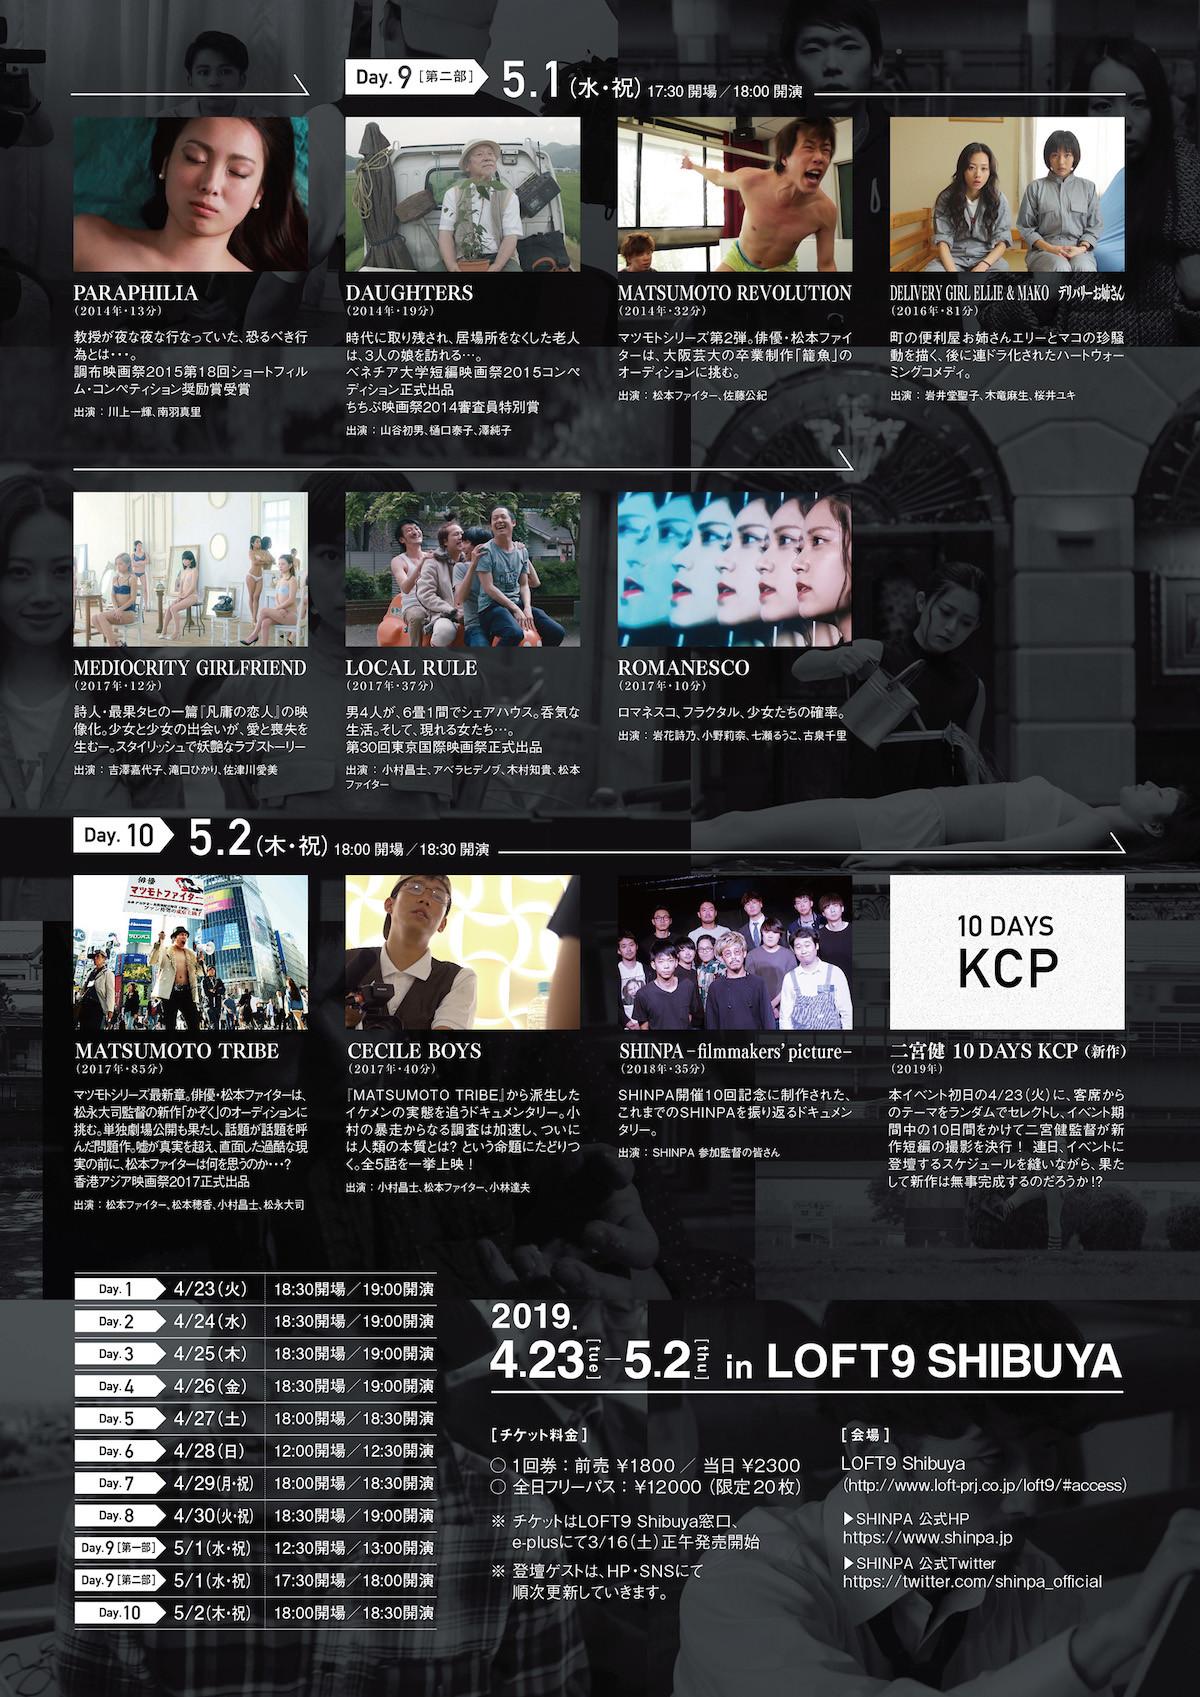 https://rooftop.cc/news/SHINPA_satellite_H4_teisei_lo.jpg